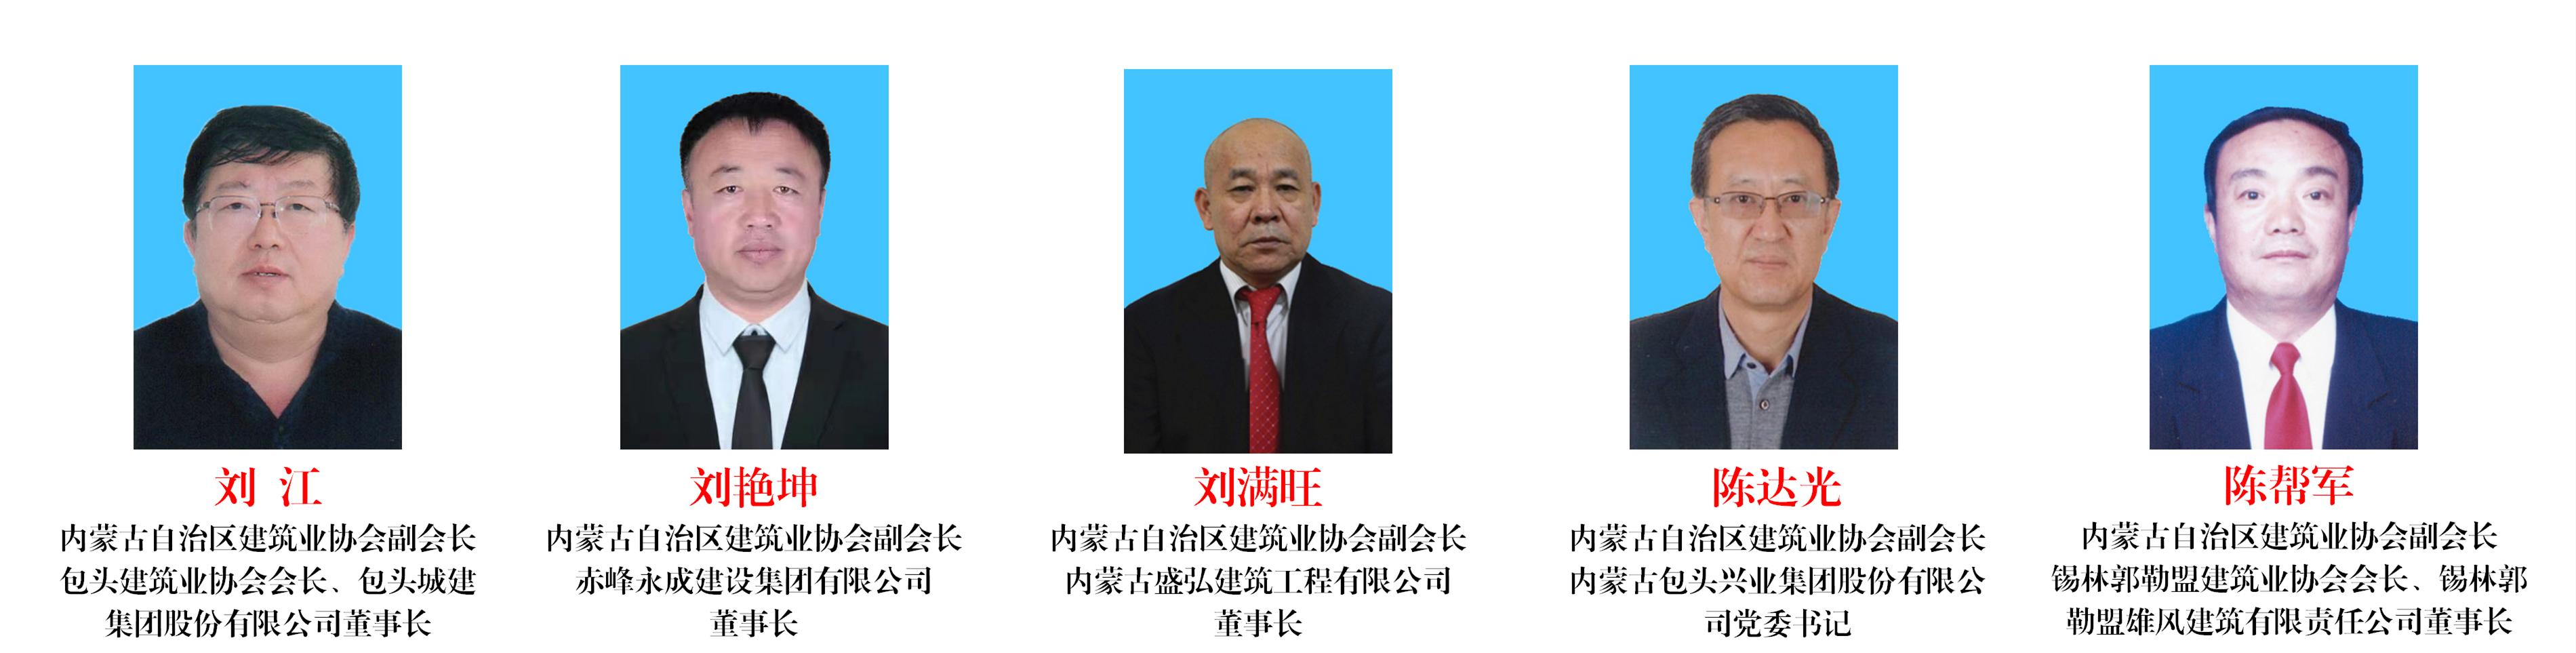 协会领导图_04.png